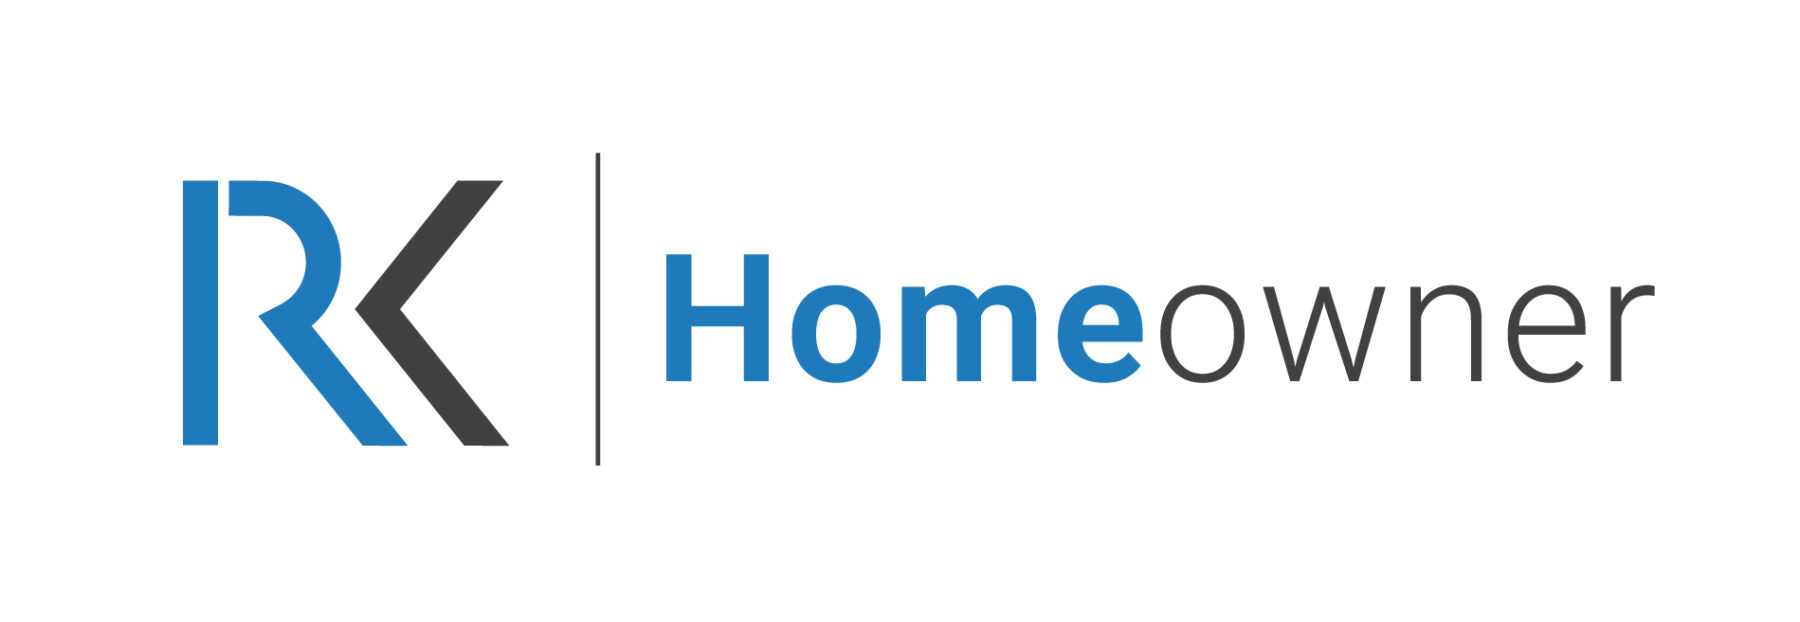 RKHomeowner logo